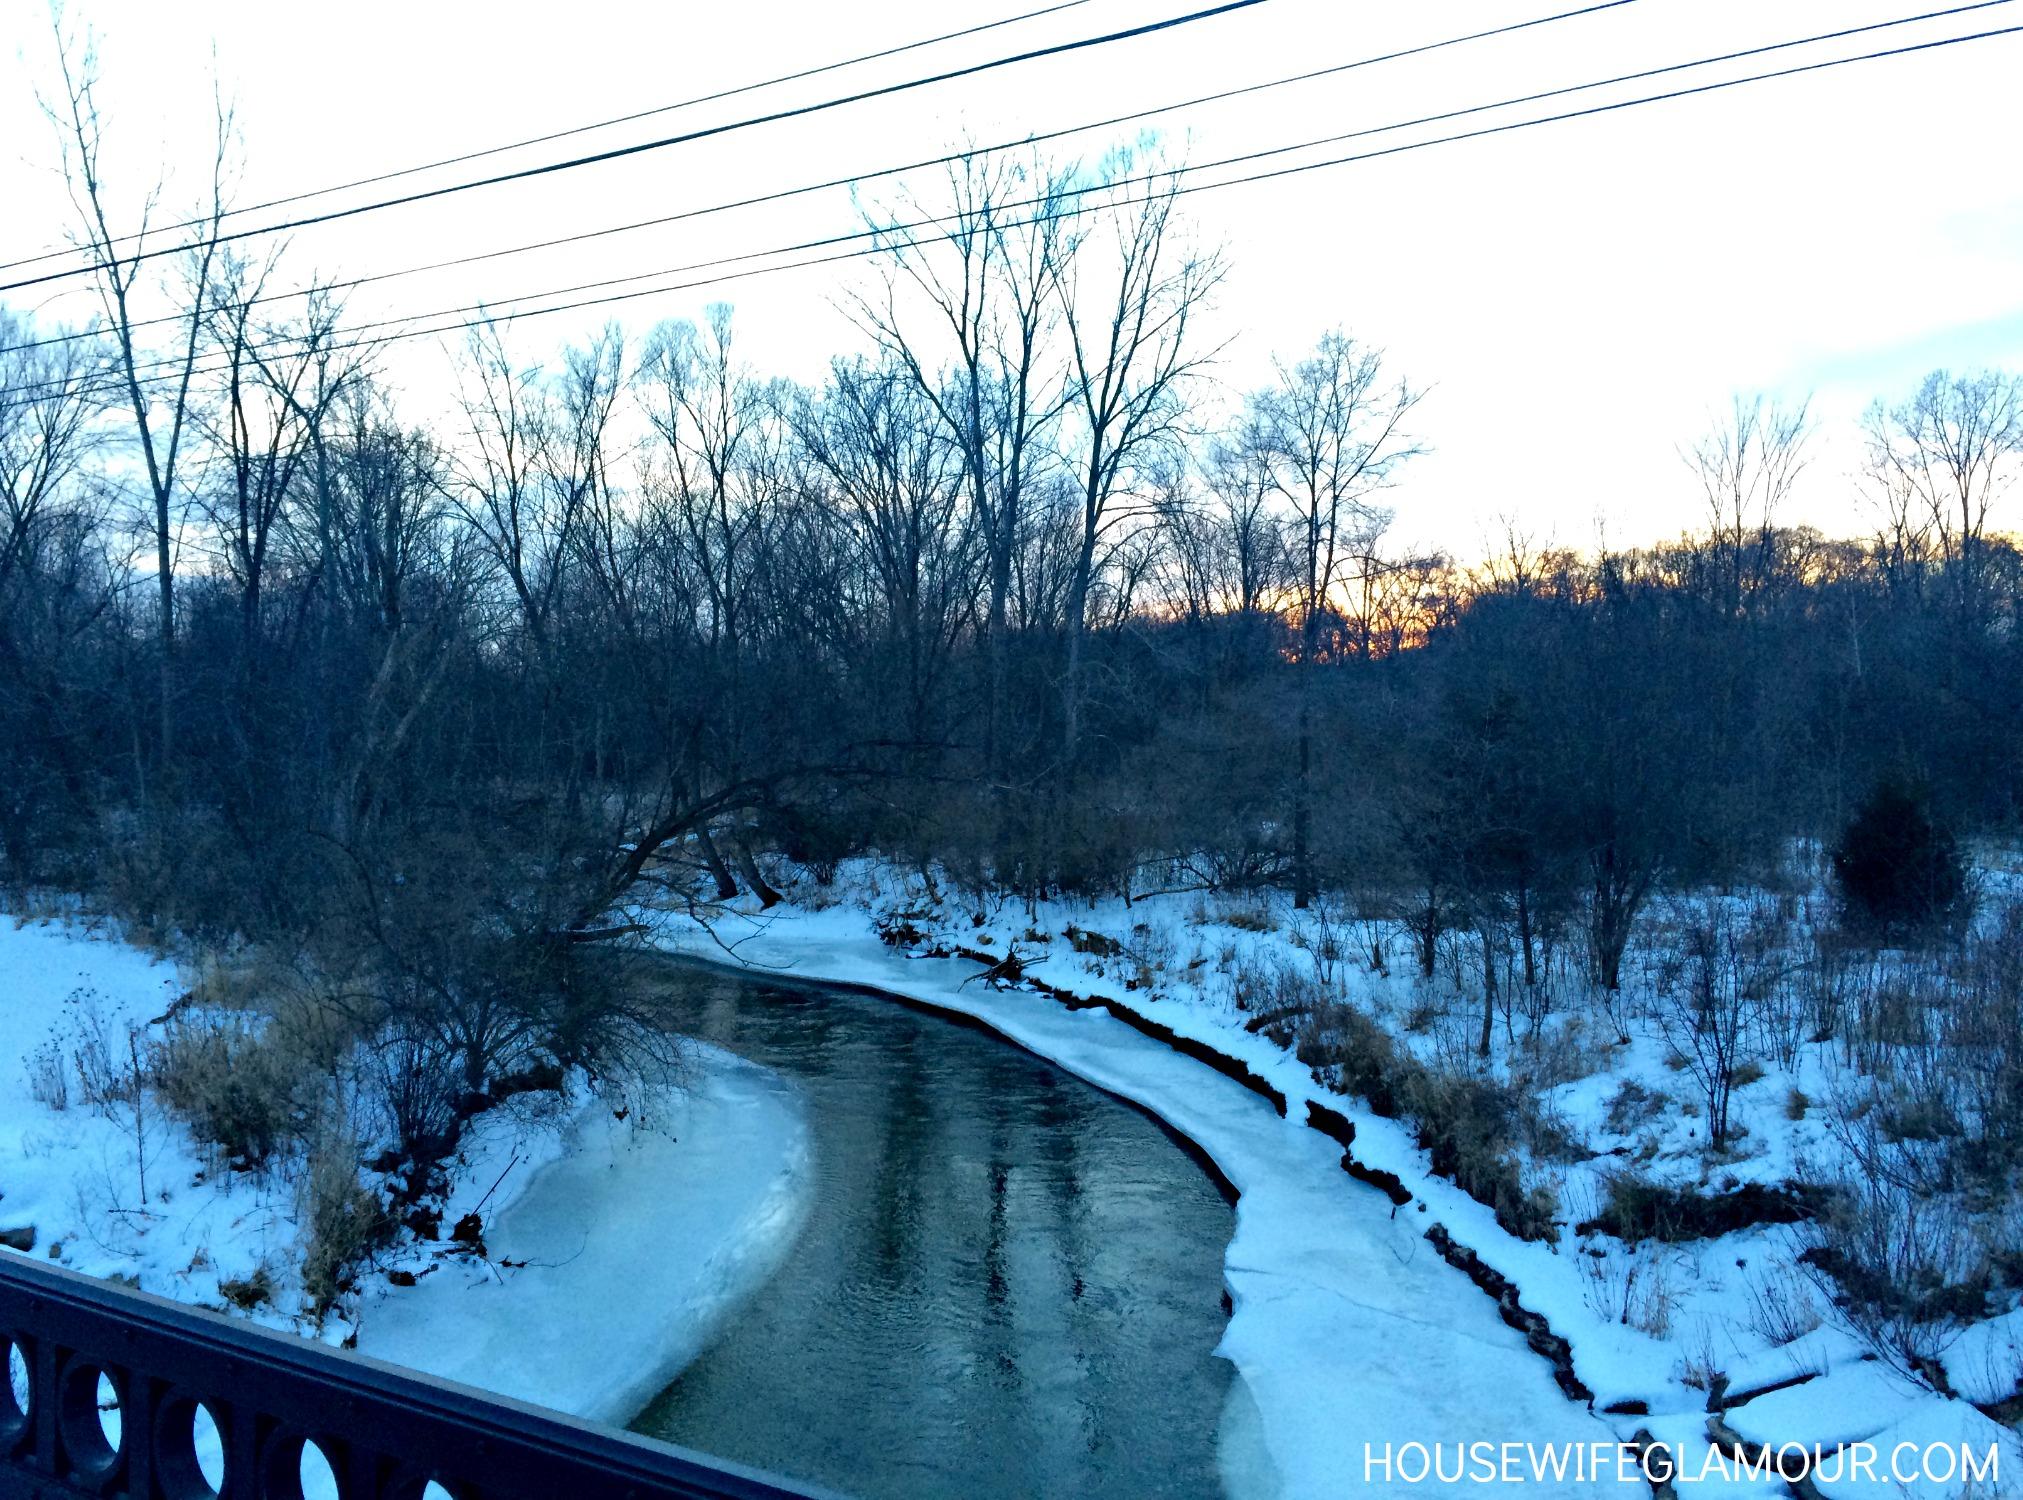 winter running scenery